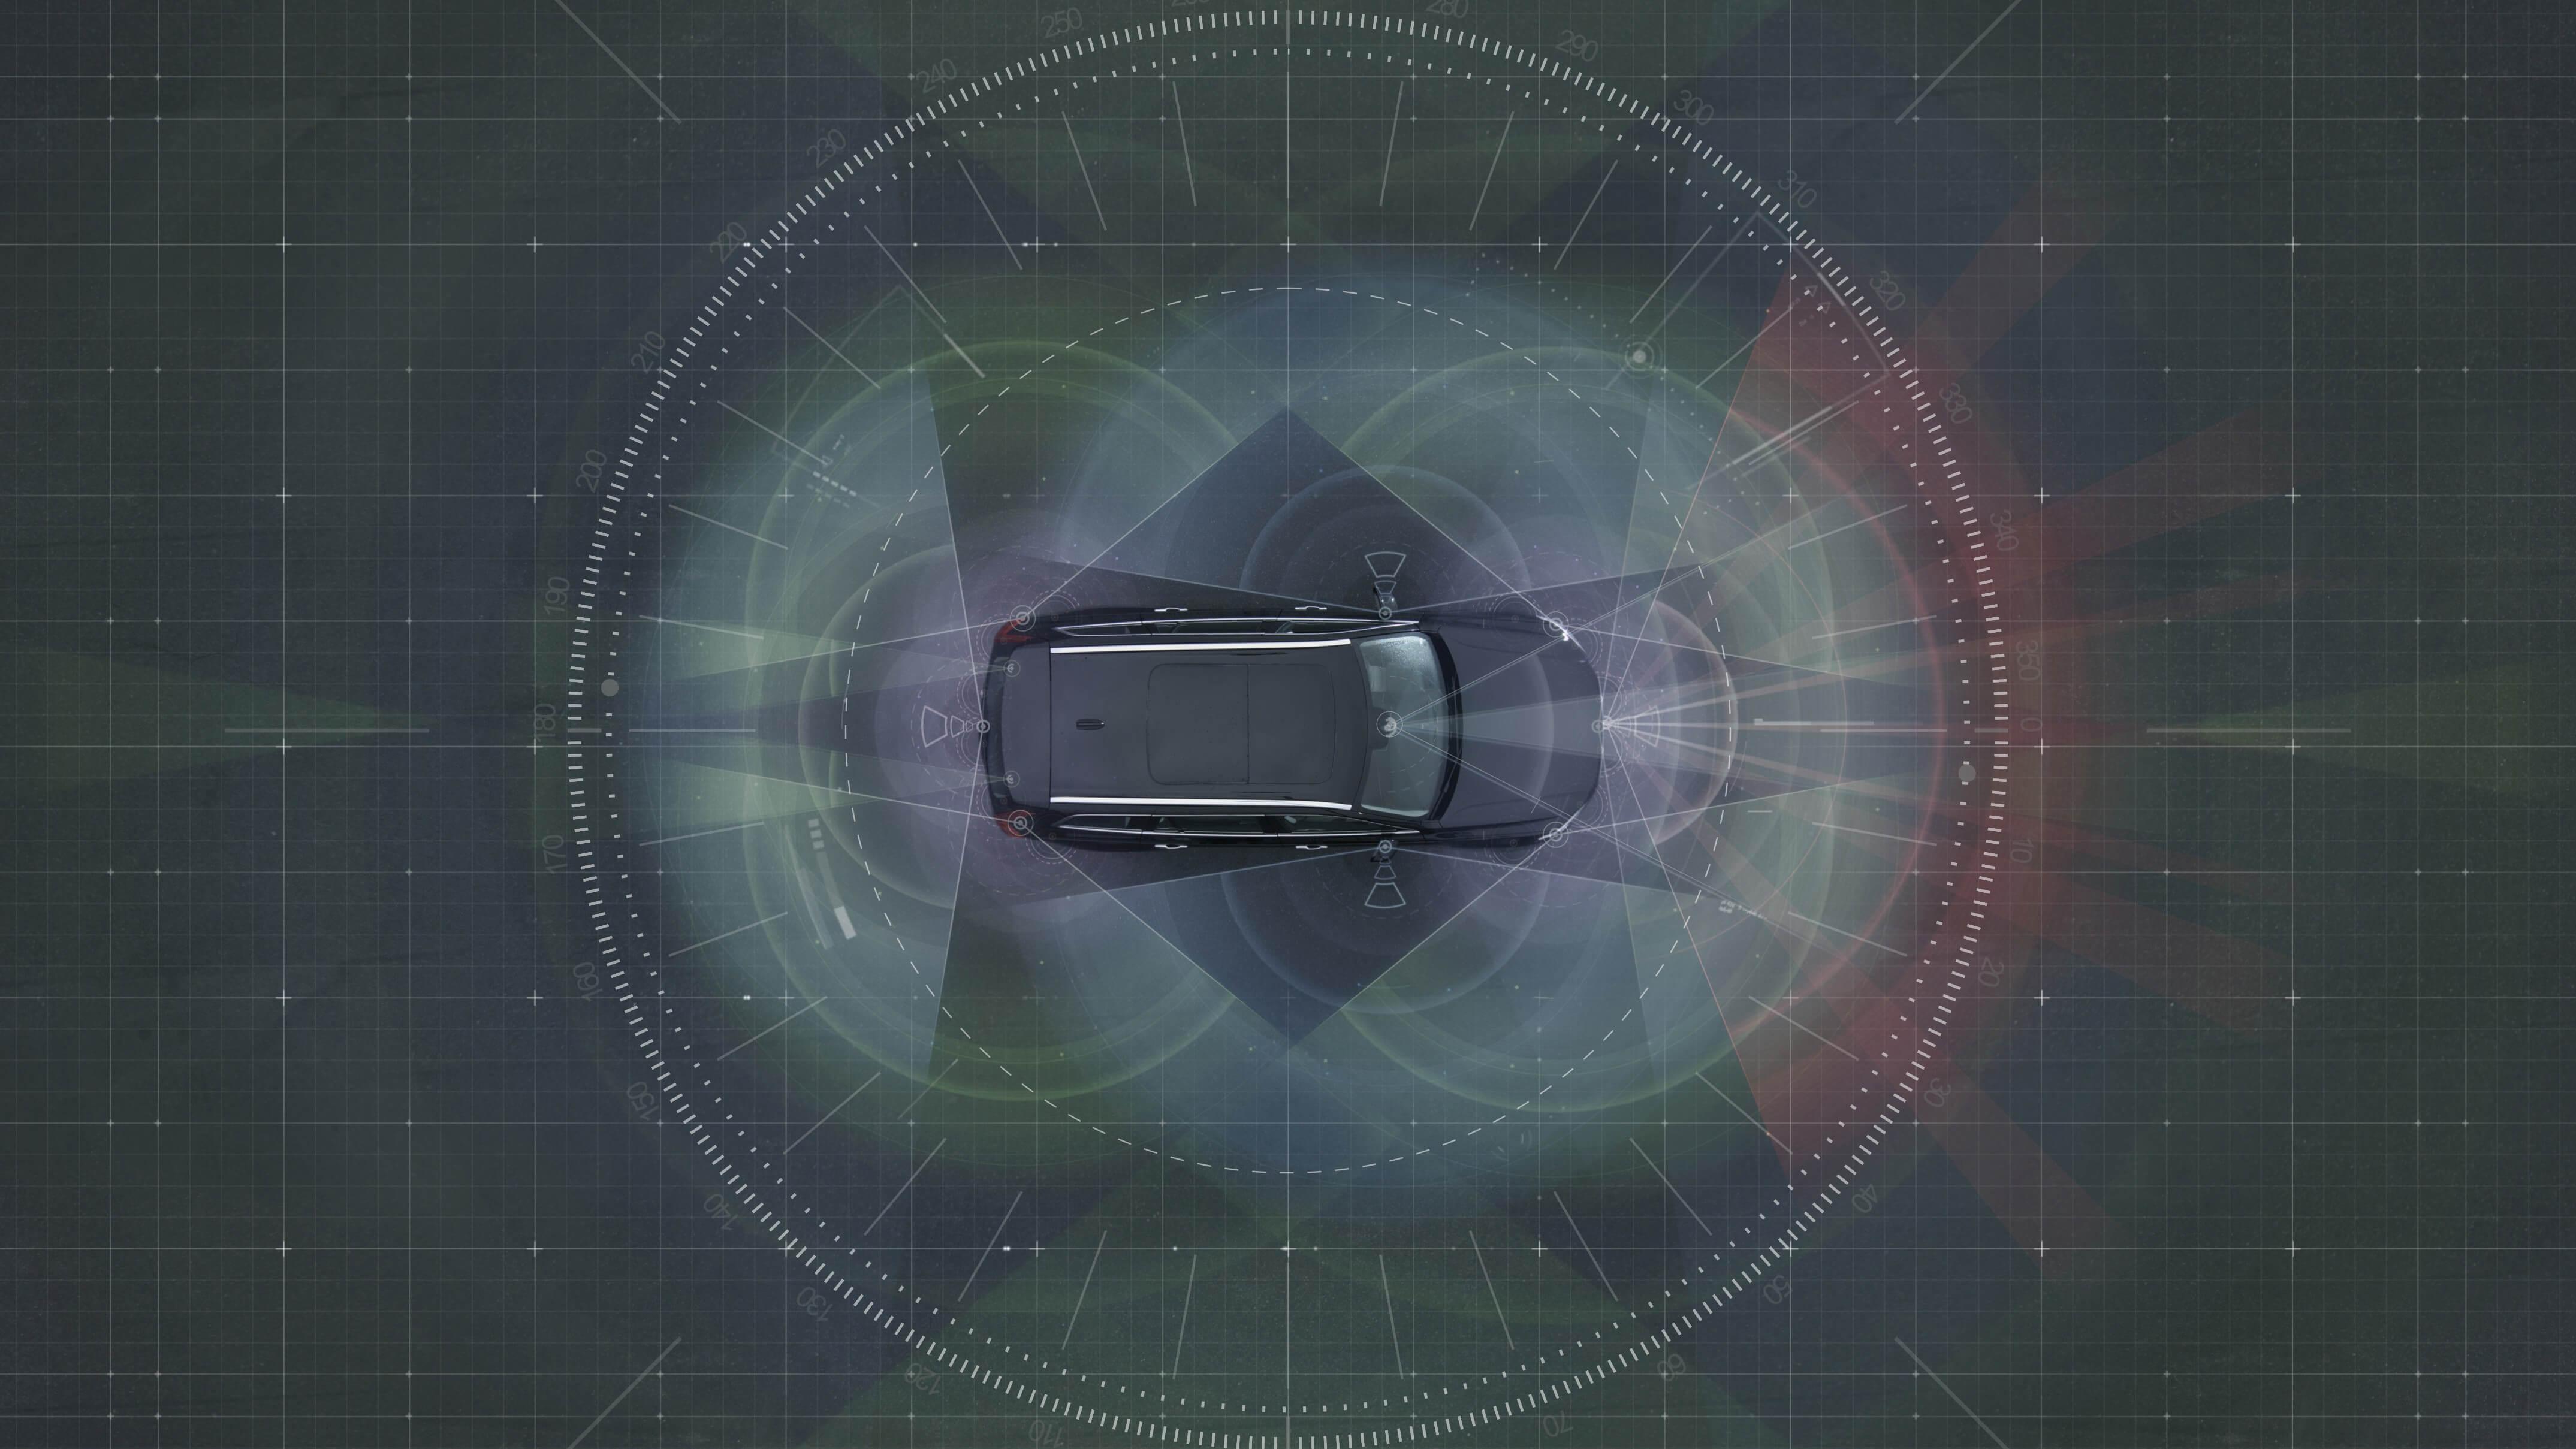 沃尔沃汽车科技基金投资美国加州汽车传感器制造商Luminar